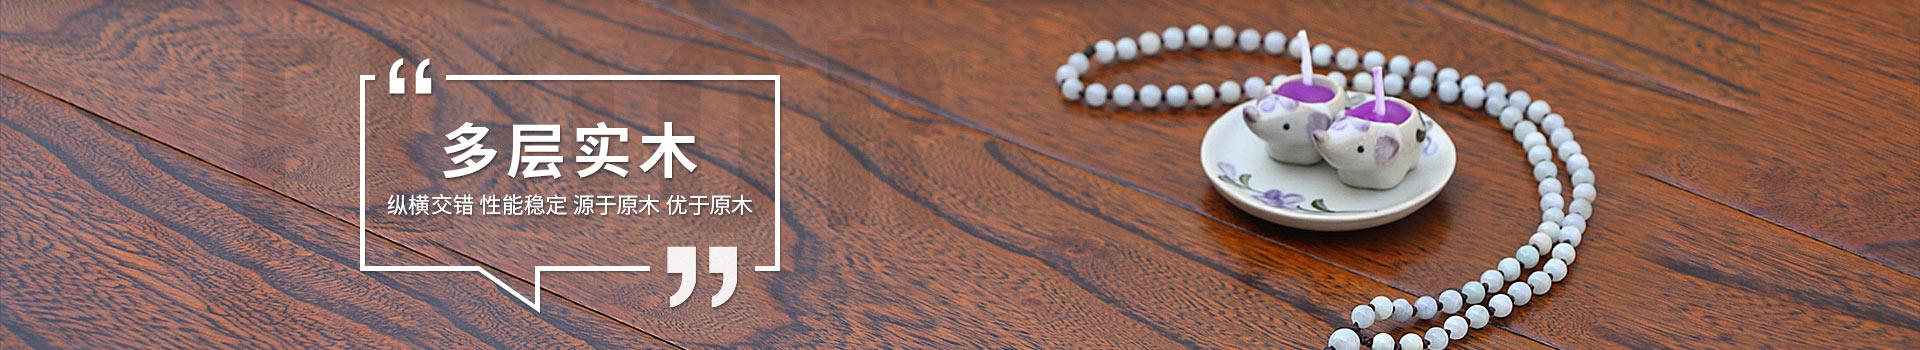 古象地板,多层实木地板,纵横交错,性能稳定,源于原木,优于原木